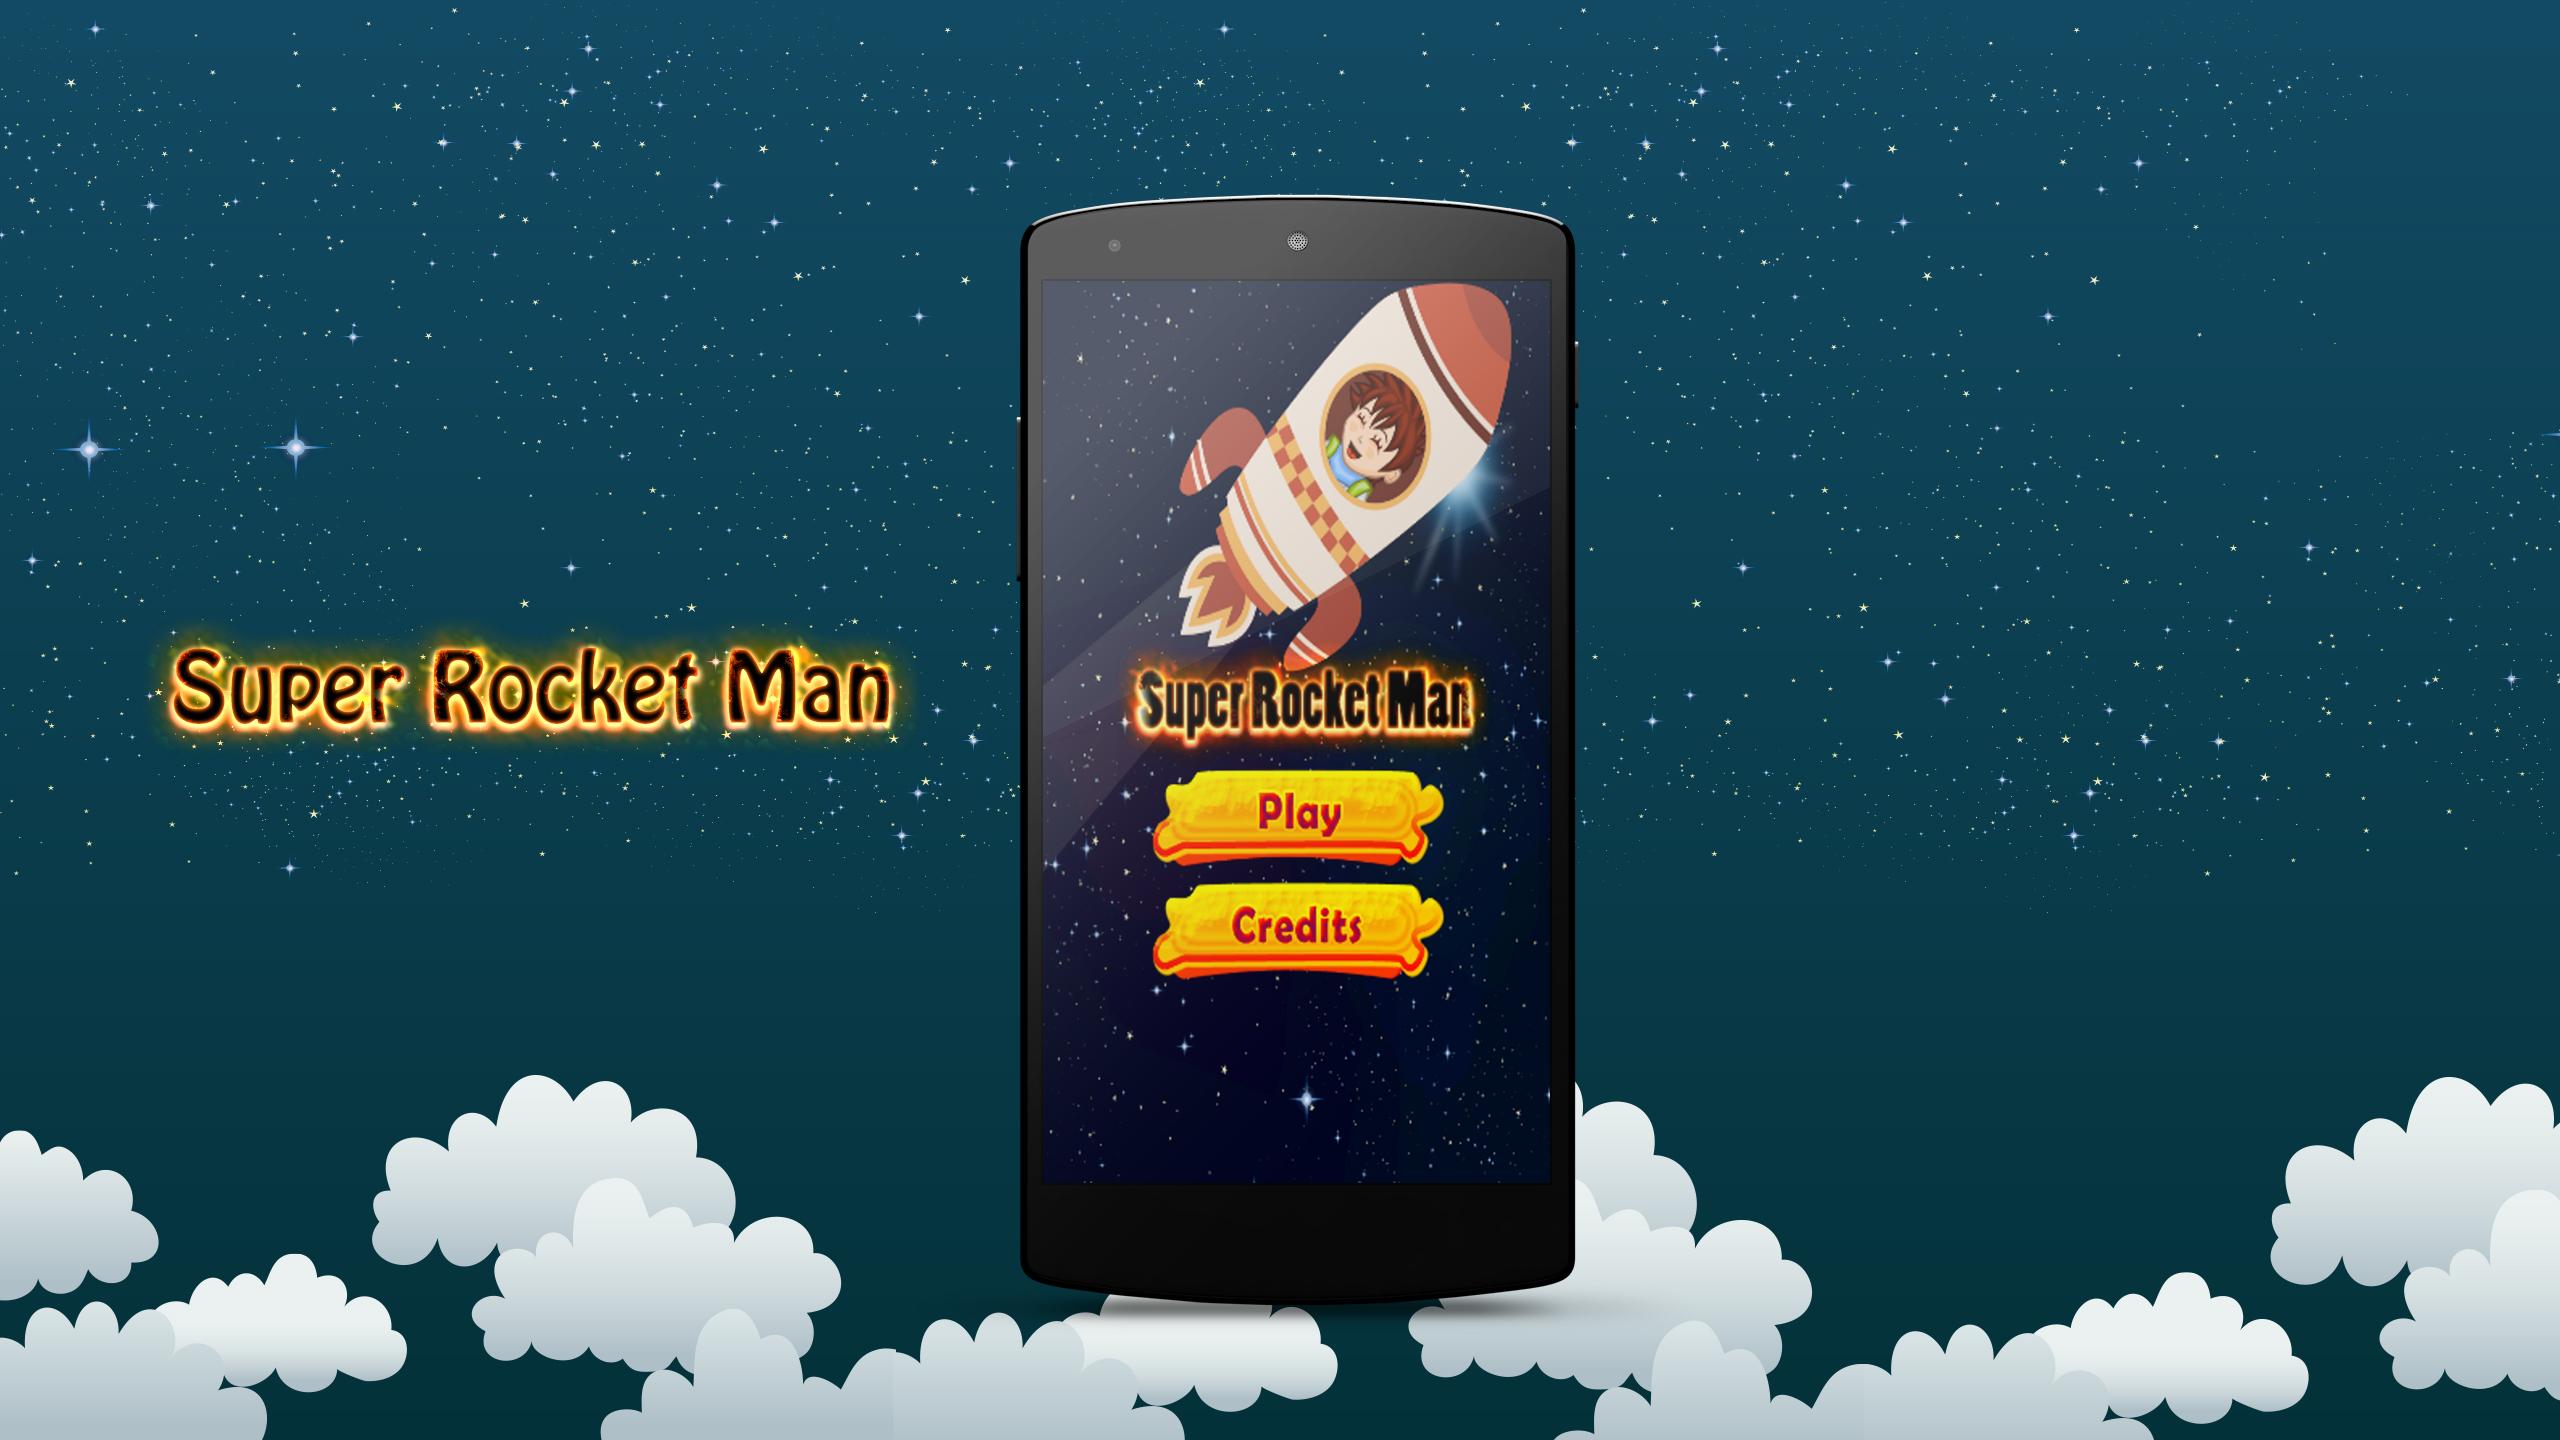 Super Rocket Man